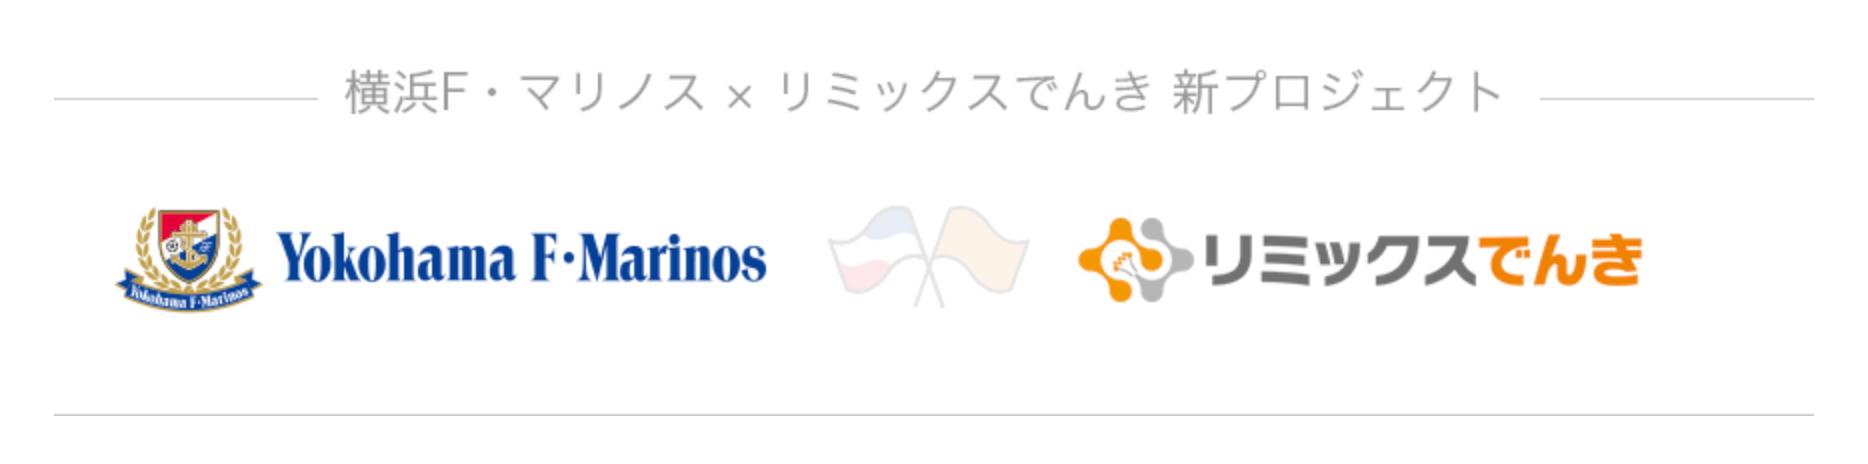 リミックスでんき 横浜マリノス